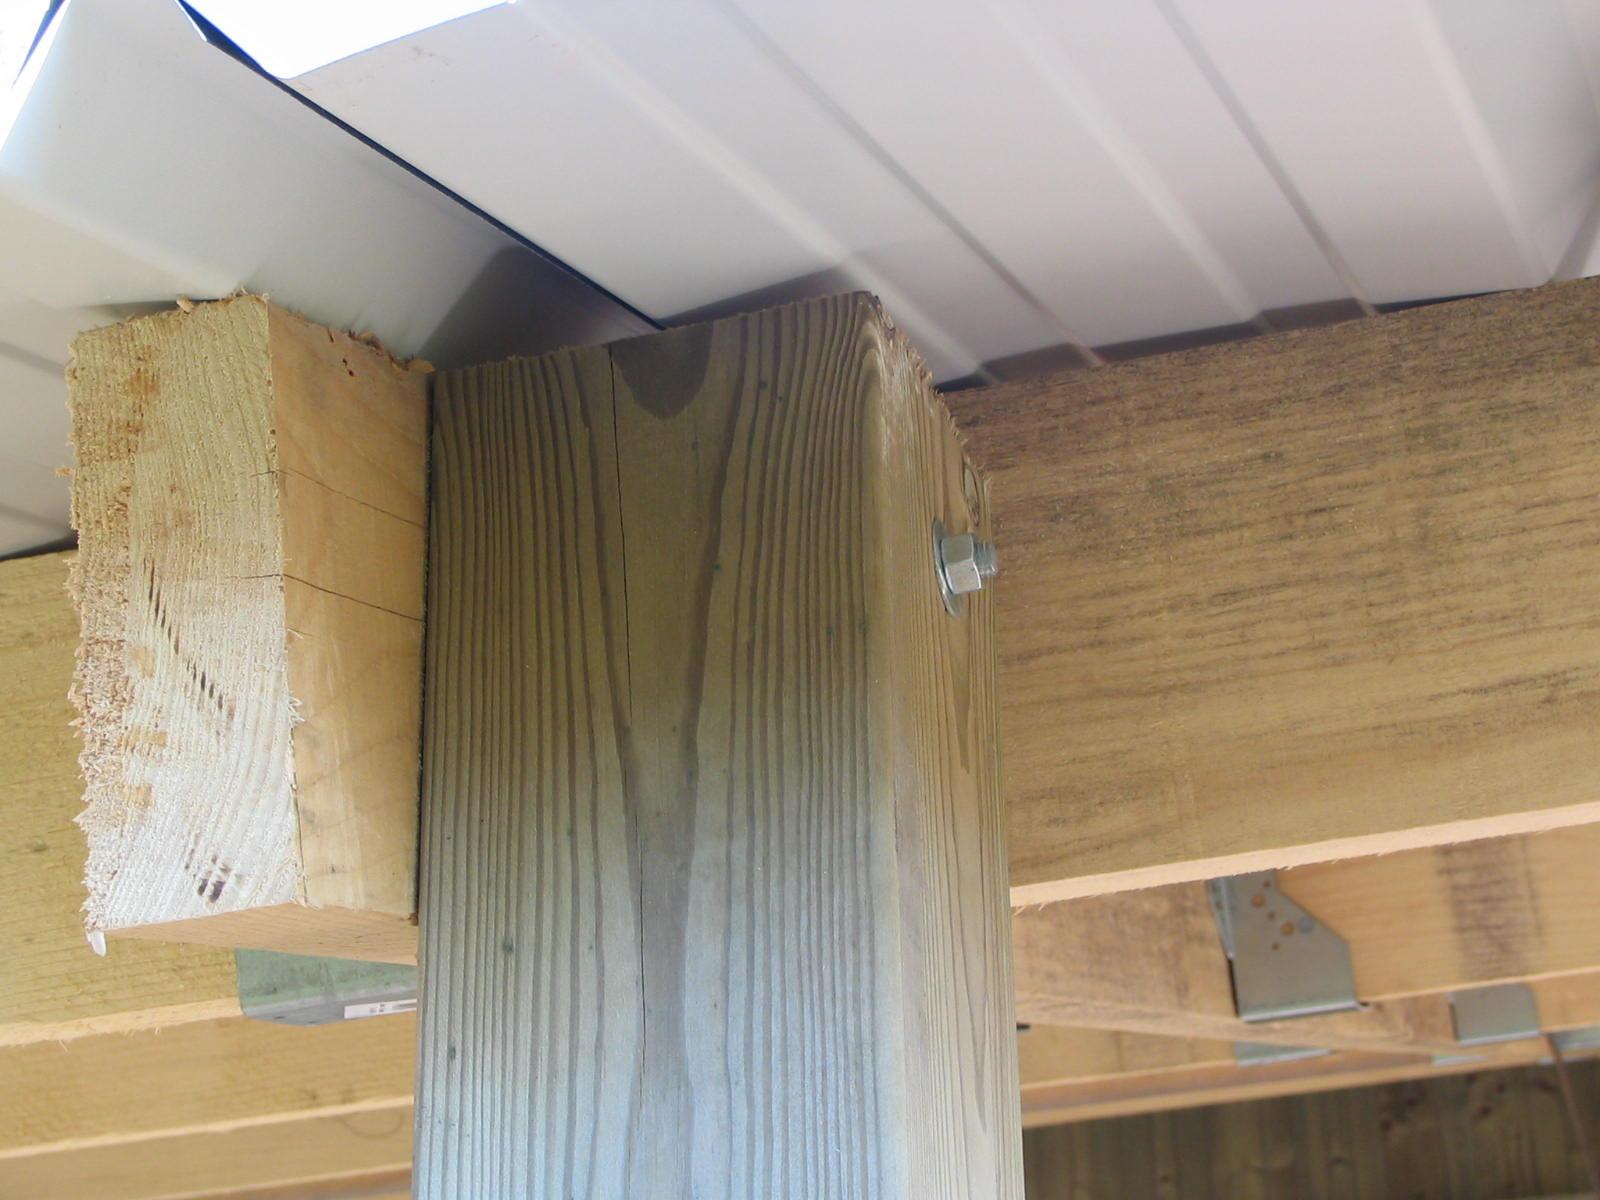 Construction Hangar Bois - DETAILS D u2019ASSEMBLAGE u00b7 construction hangar bois